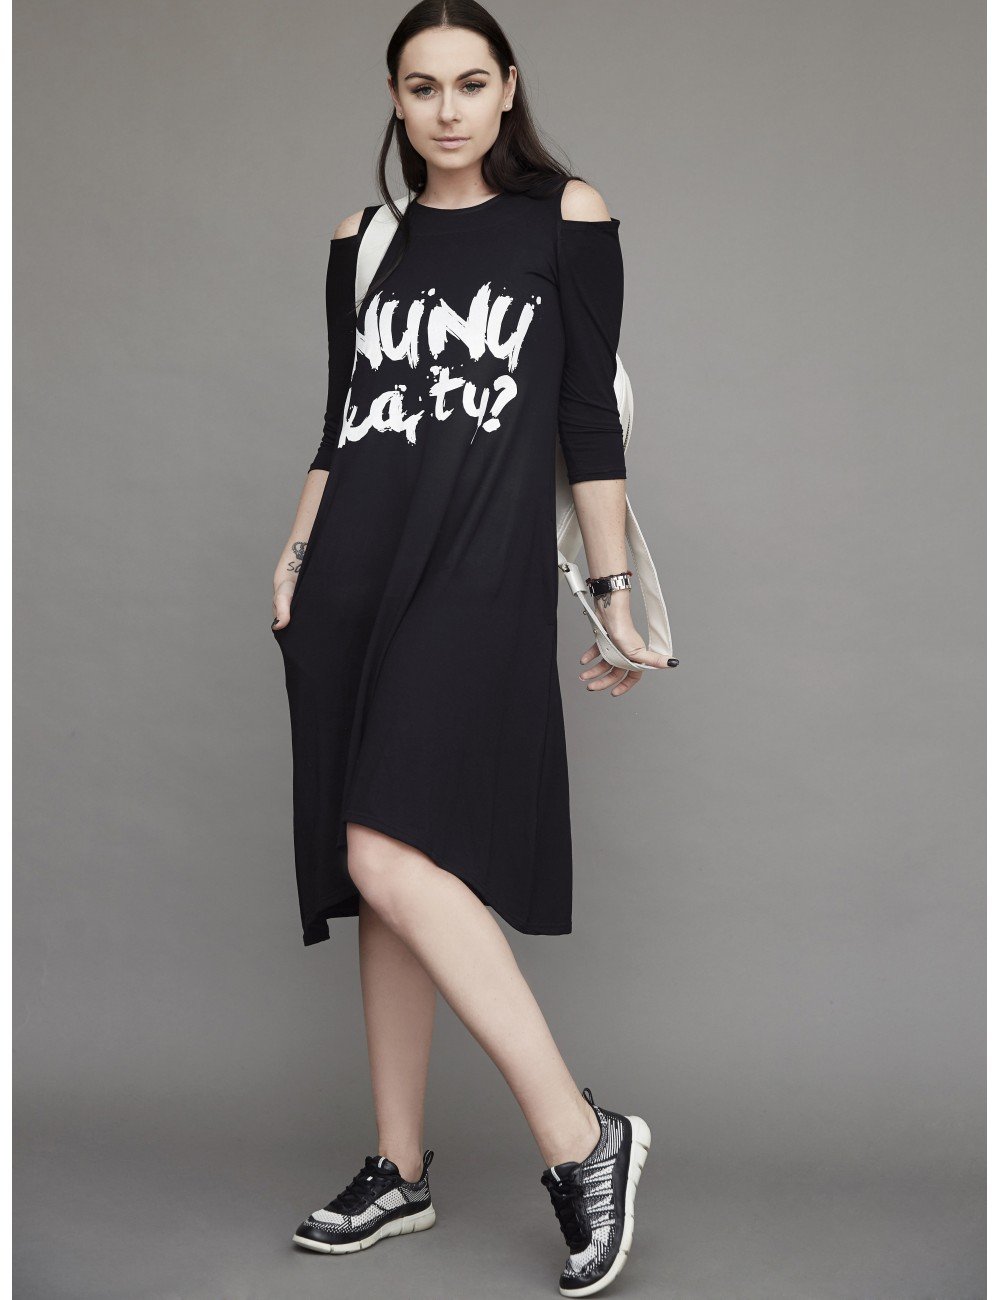 Suknelė ,,Nunu ką tu?''